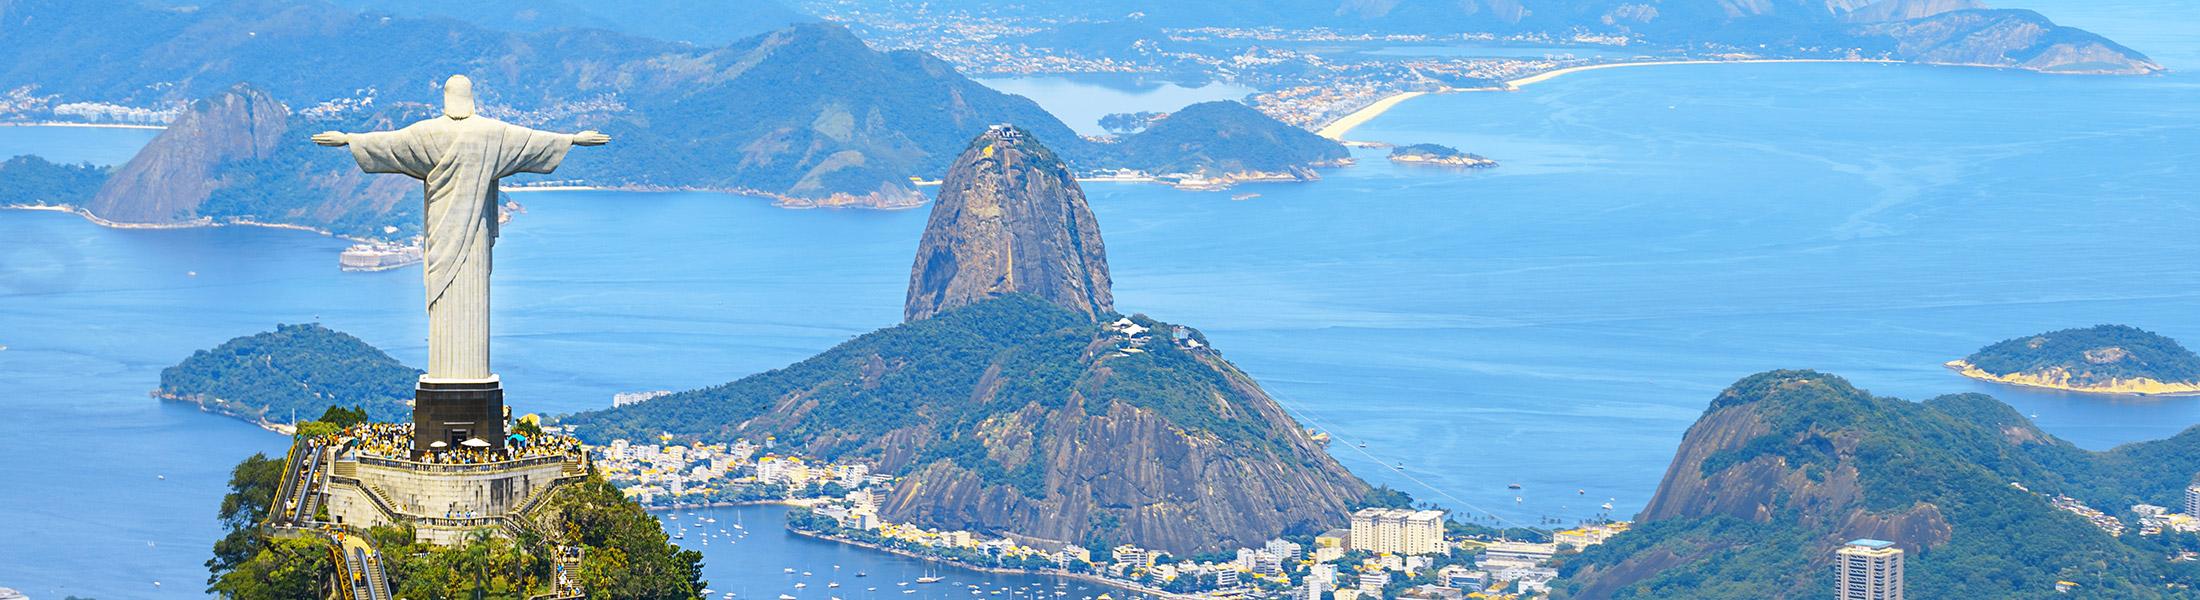 Christ the Redeemer in Rio de Janeiro Brazil